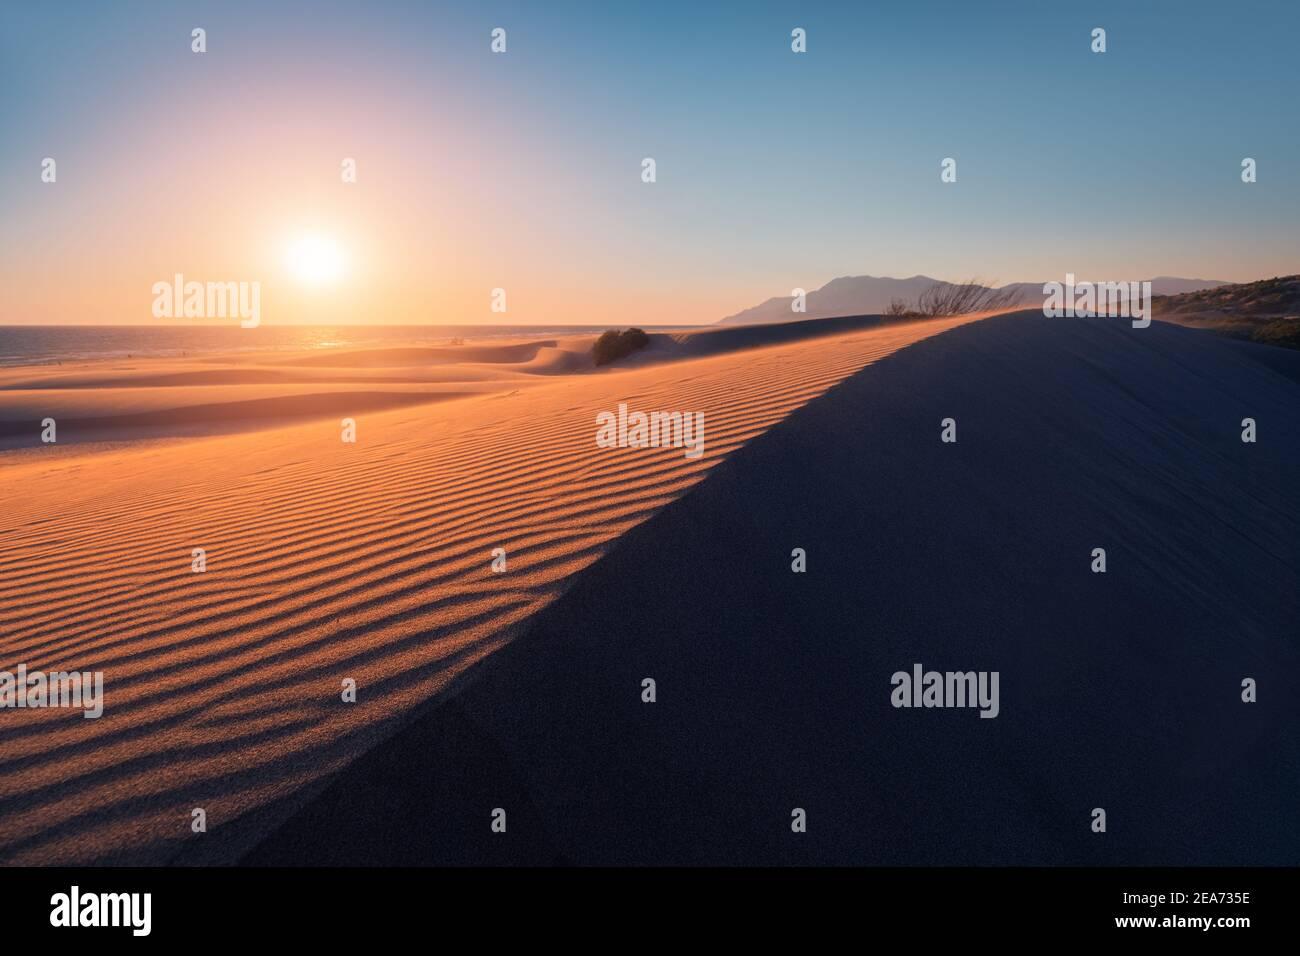 La luz ambiental y mística de la luz del sol de la puesta de sol se ilumina la pendiente de una duna de arena en alguna parte en las profundidades Del desierto del Sáhara Foto de stock